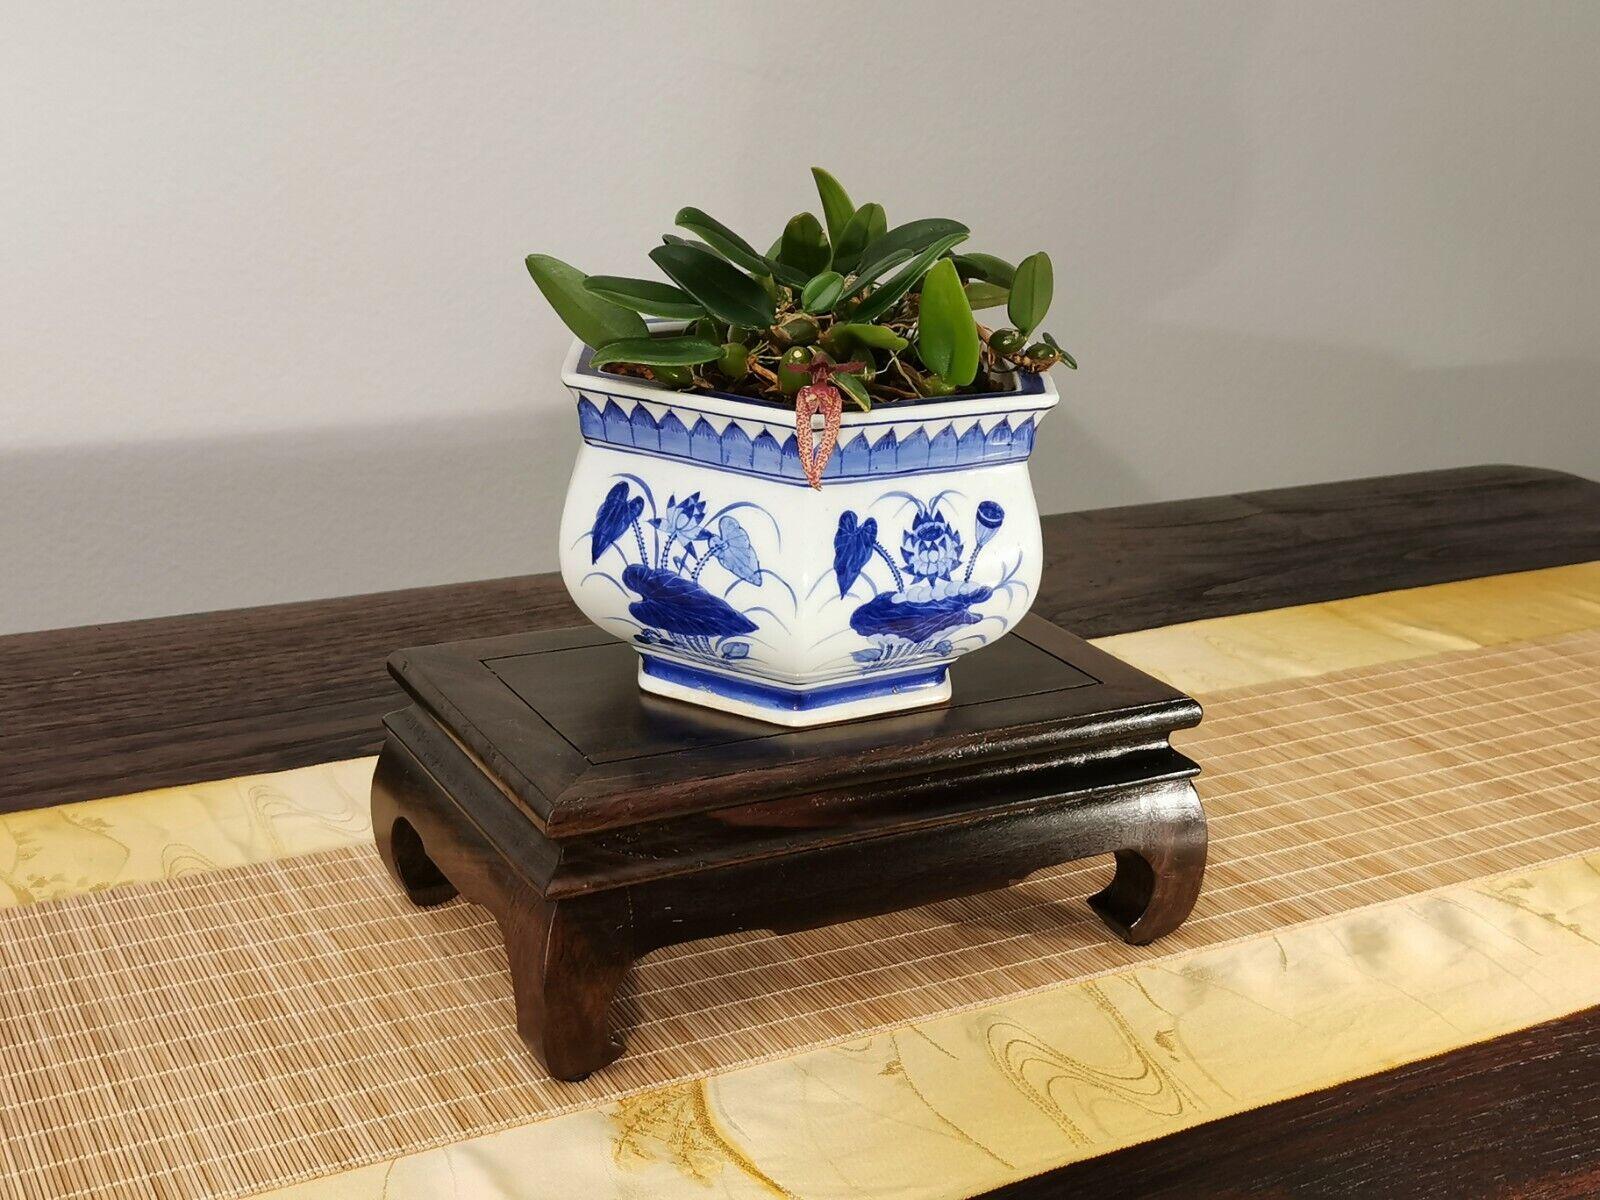 NEU  - Bonsai-Tisch, rechteckig, 24,5 x 16 x 9,5, Massivholz